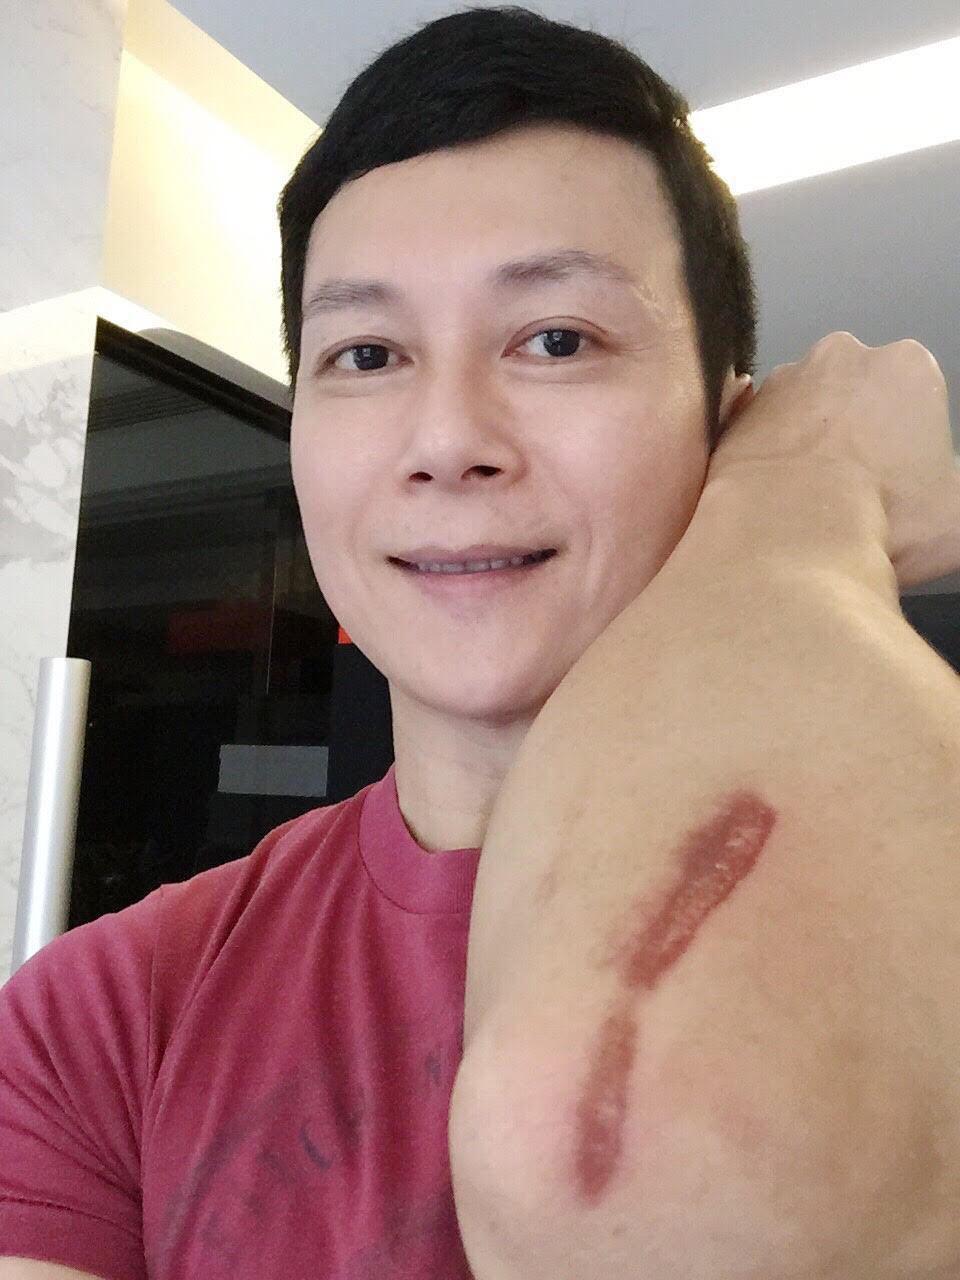 王燦為了表演練習時受傷,留下一道深深的疤痕。圖/民視提供